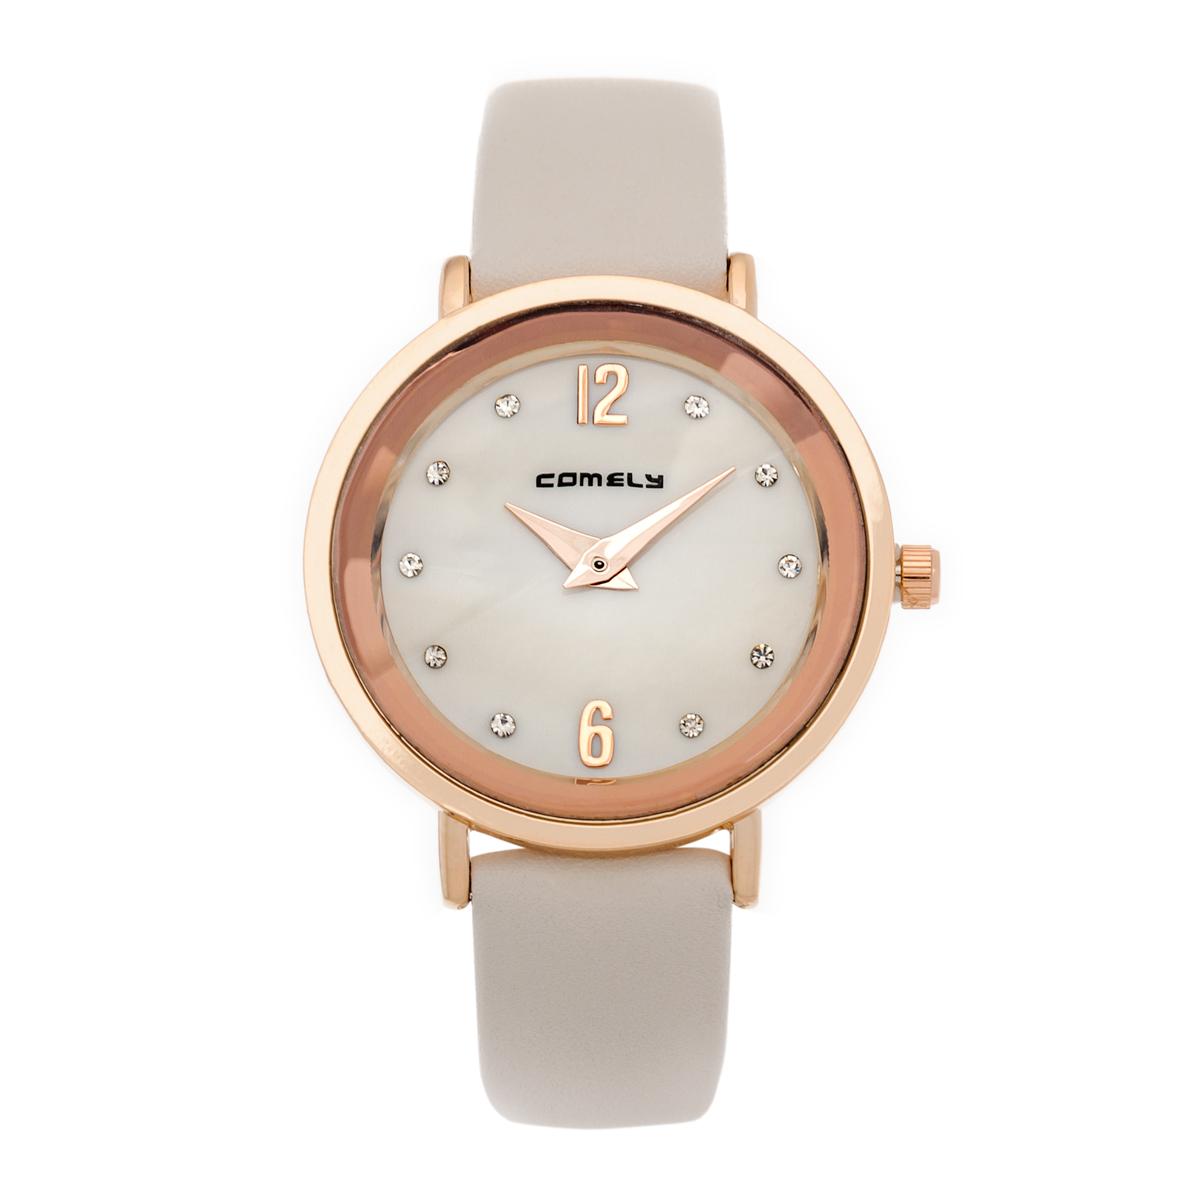 ساعت مچی عقربه ای زنانه کاملی کد W1136